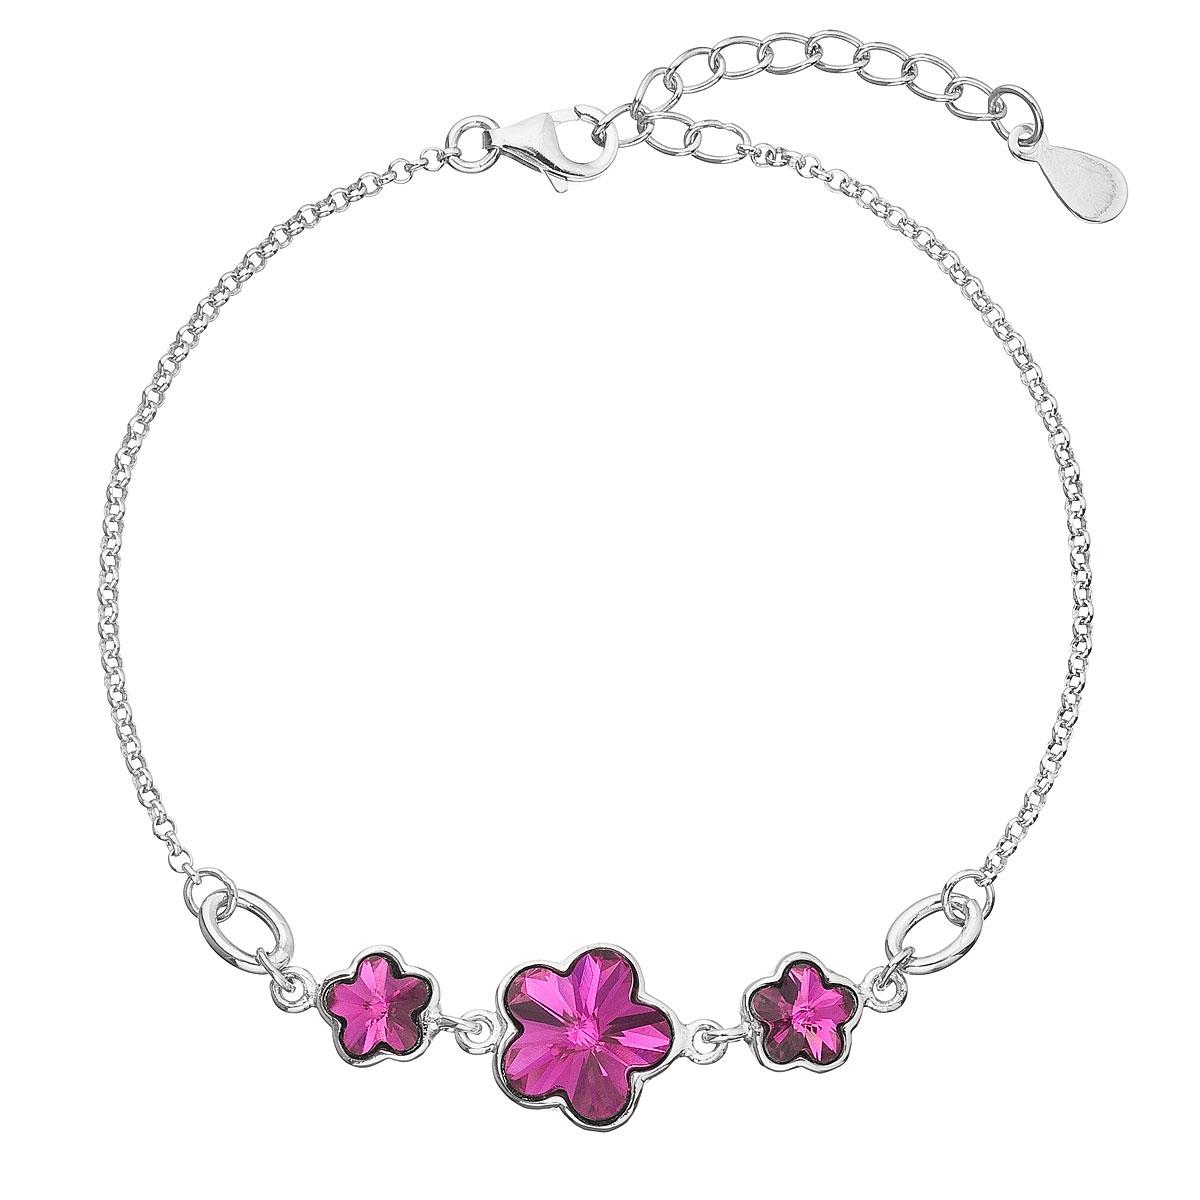 Stříbrný náramek s kytičkami Crystals from Swarovski® Fuchsia EG7050-FU